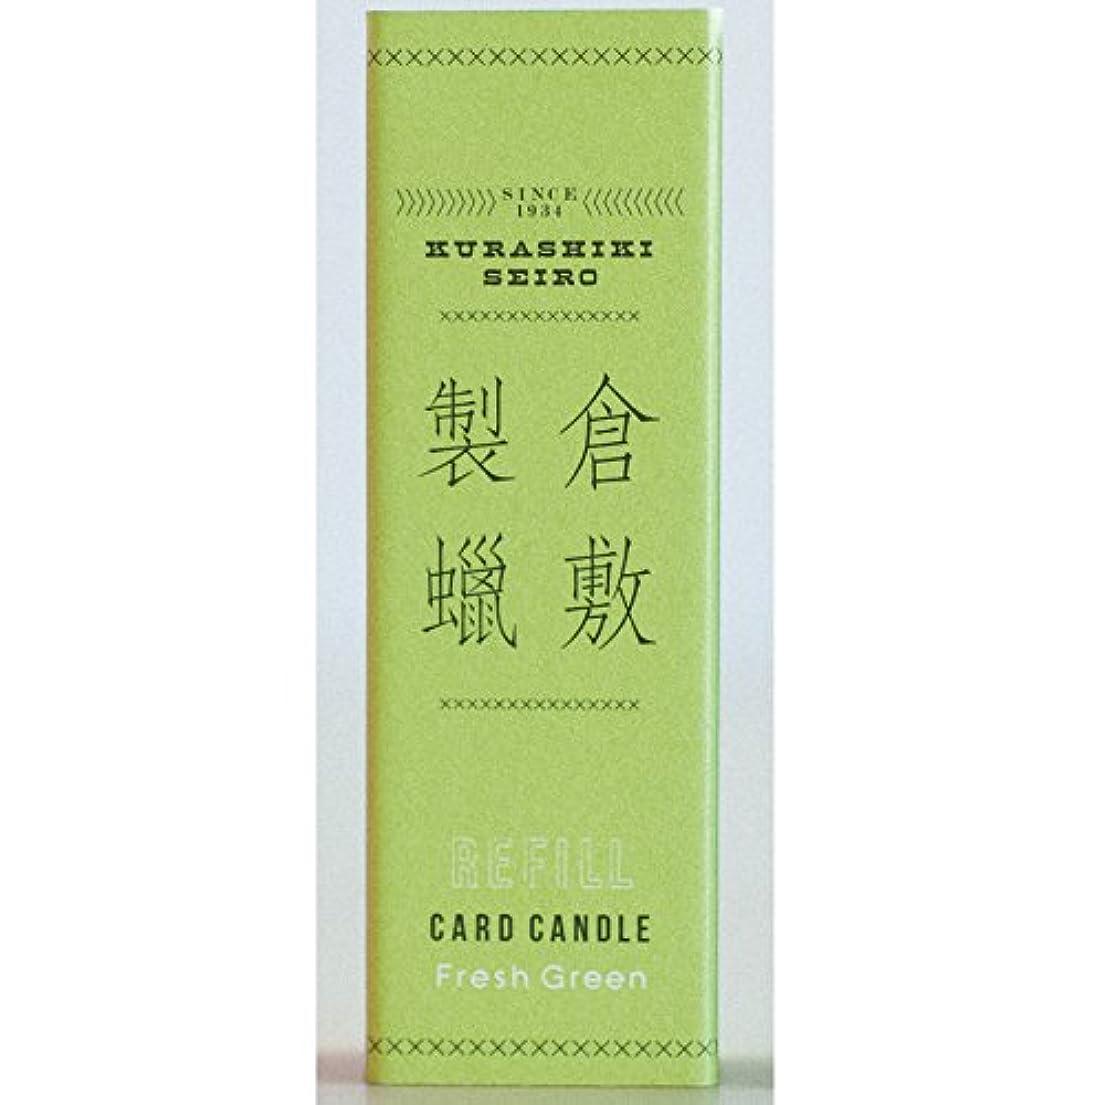 道路を作るプロセス一節コンプライアンス倉敷製蝋 CARD CANDLE REFILL (Fresh Green)